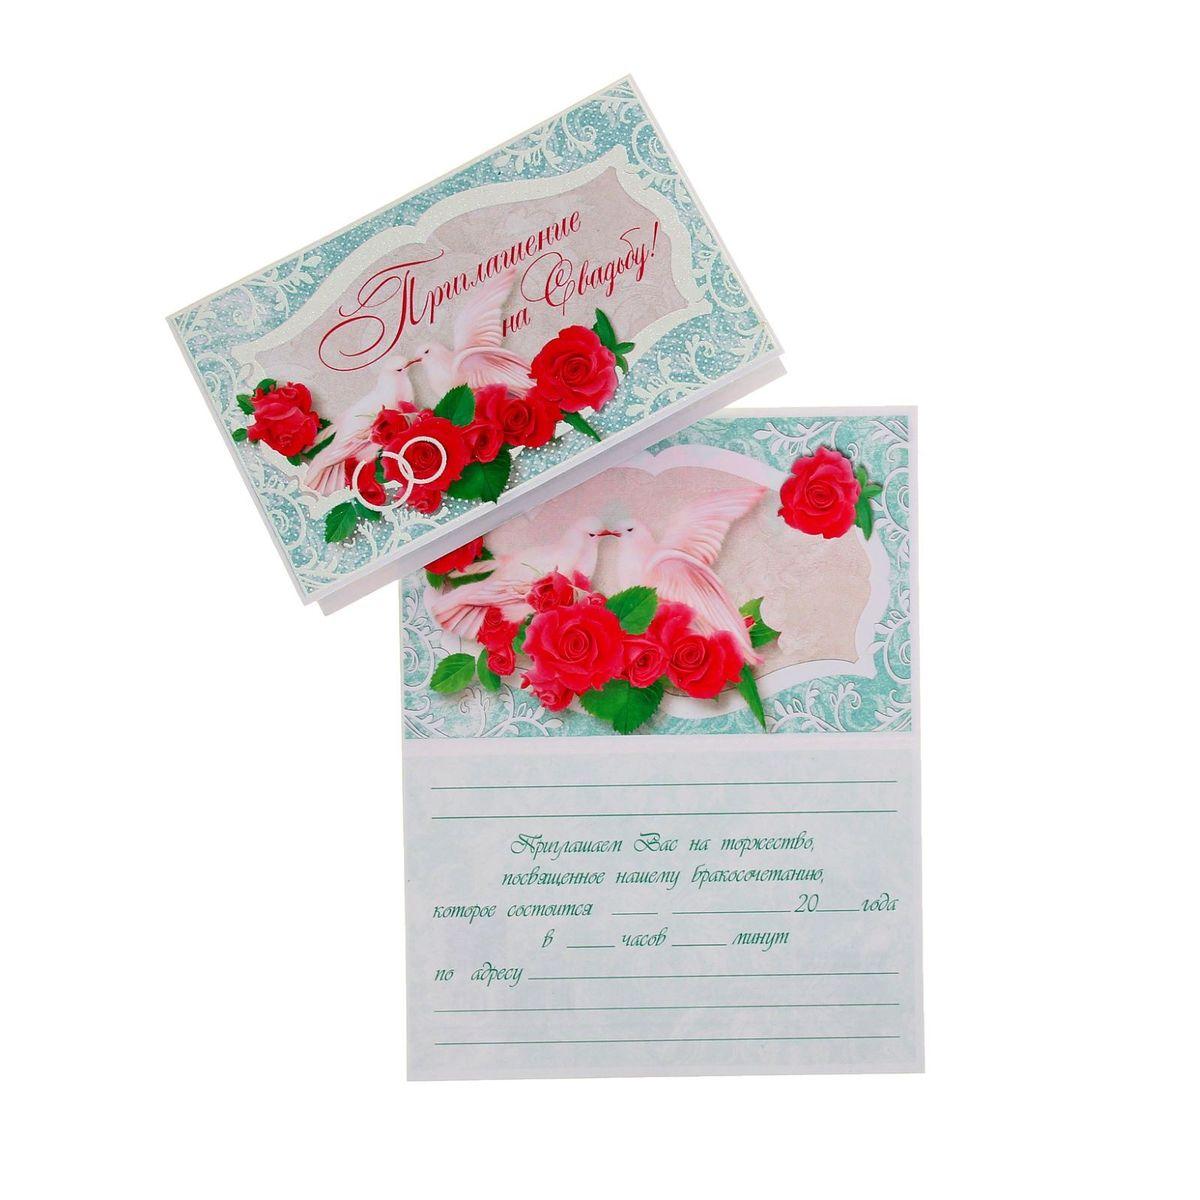 Приглашение на свадьбу Русский дизайн Голуби и розы, 18 х 14 см1149927Красивая свадебная пригласительная открытка станет незаменимым атрибутом подготовки к предстоящему торжеству и позволит объявить самым дорогим вам людям о важном событии в вашей жизни. Приглашение на свадьбу Русский дизайн Голуби и розы, выполненное изкартона, отличается не только оригинальным дизайном, но и высоким качеством. Внутри - текстприглашения. Вам остается заполнить необходимые строки и раздать гостям.Устройте себе незабываемую свадьбу! Размер: 18 х 14 см.